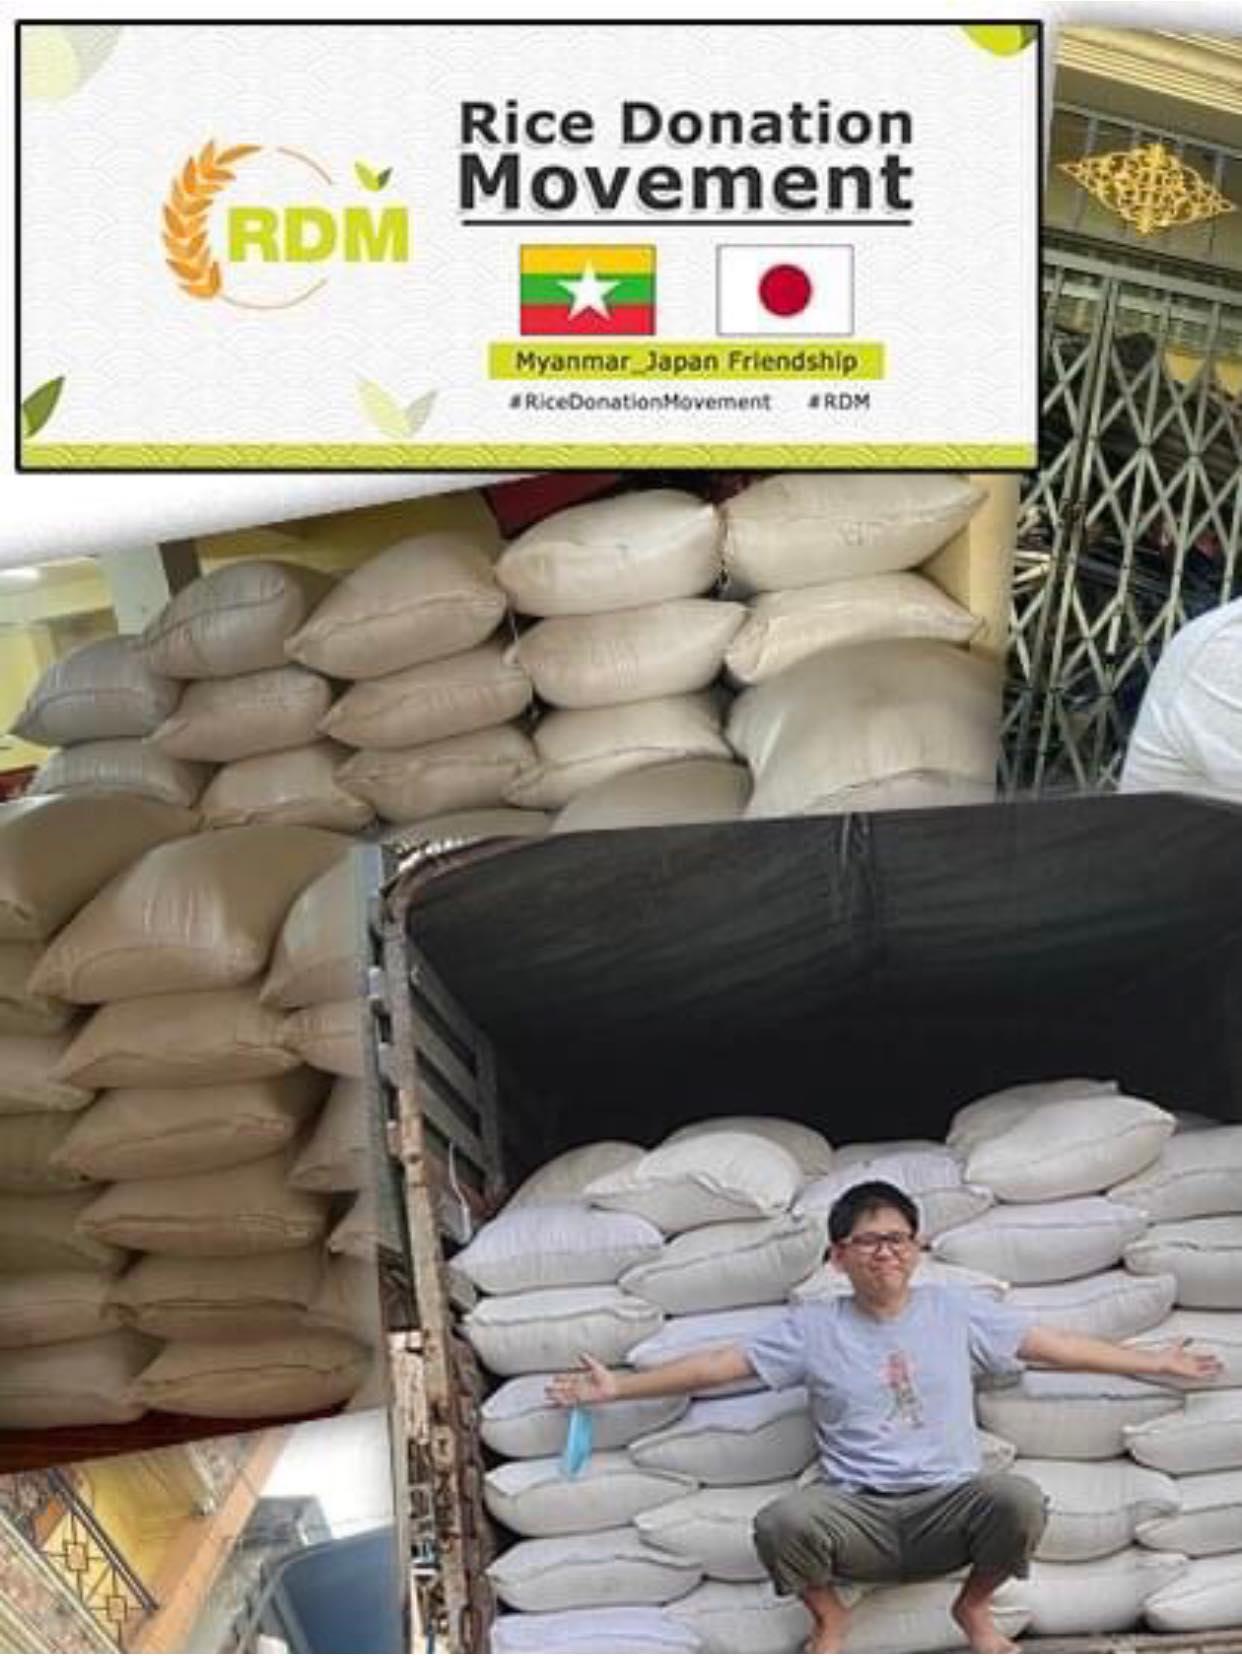 ミャンマー応援 寄付販売キャンペーンのご案内  3月15日(月)〜3月25日(木)